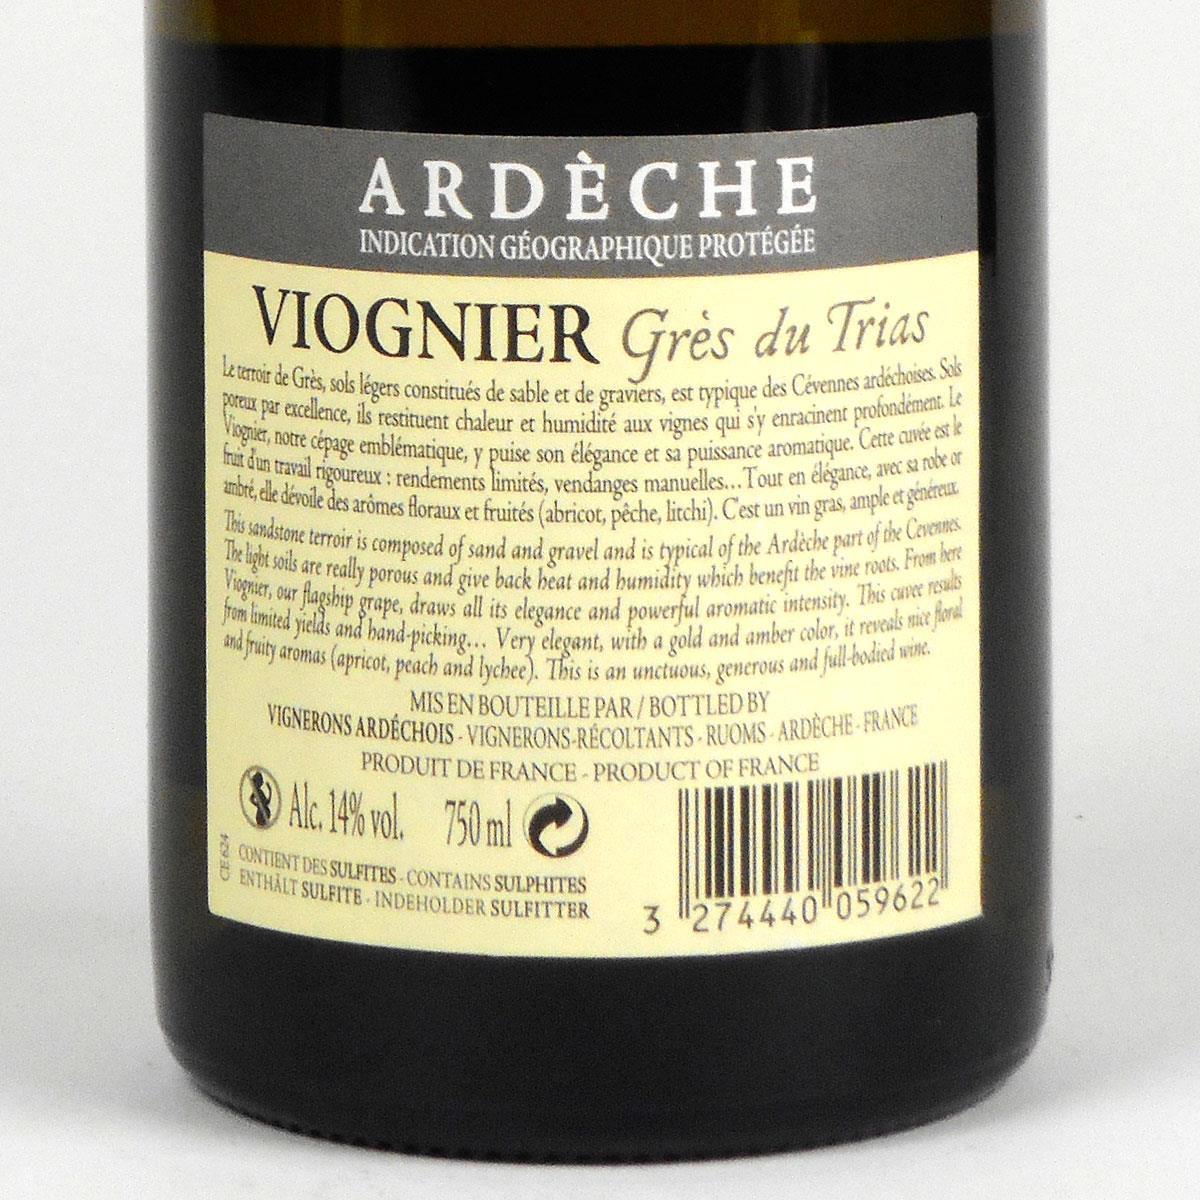 Coteaux de l'Ardèche: Cépage Viognier 'Grès du Trias' 2018 - Rear Label